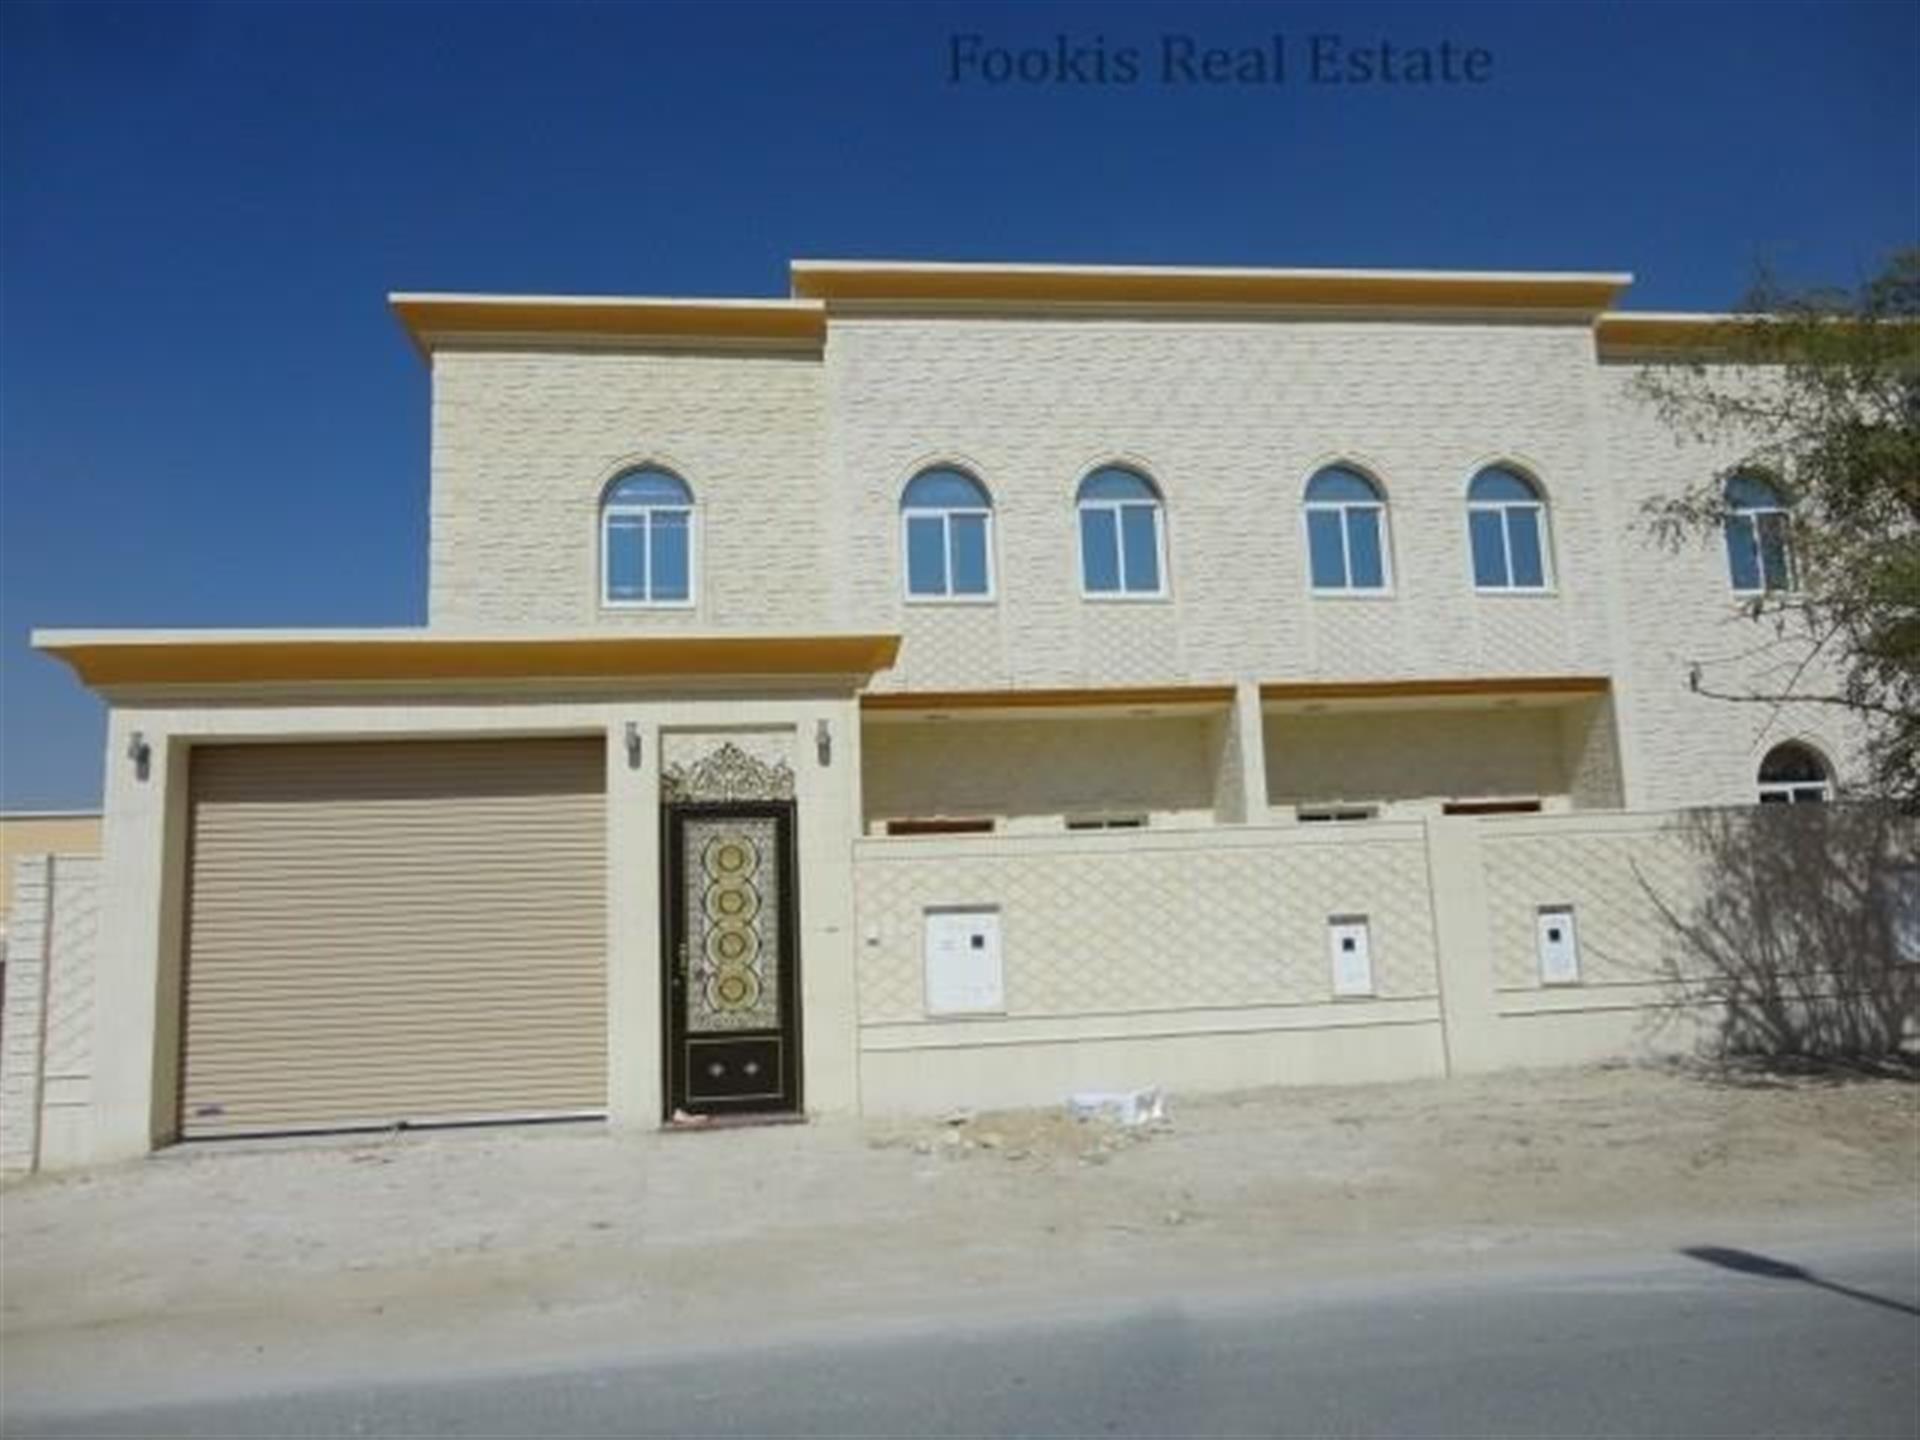 BRAND NEW 2 STAND ALONE VILLAS FOR SALE IN GHARAFFA